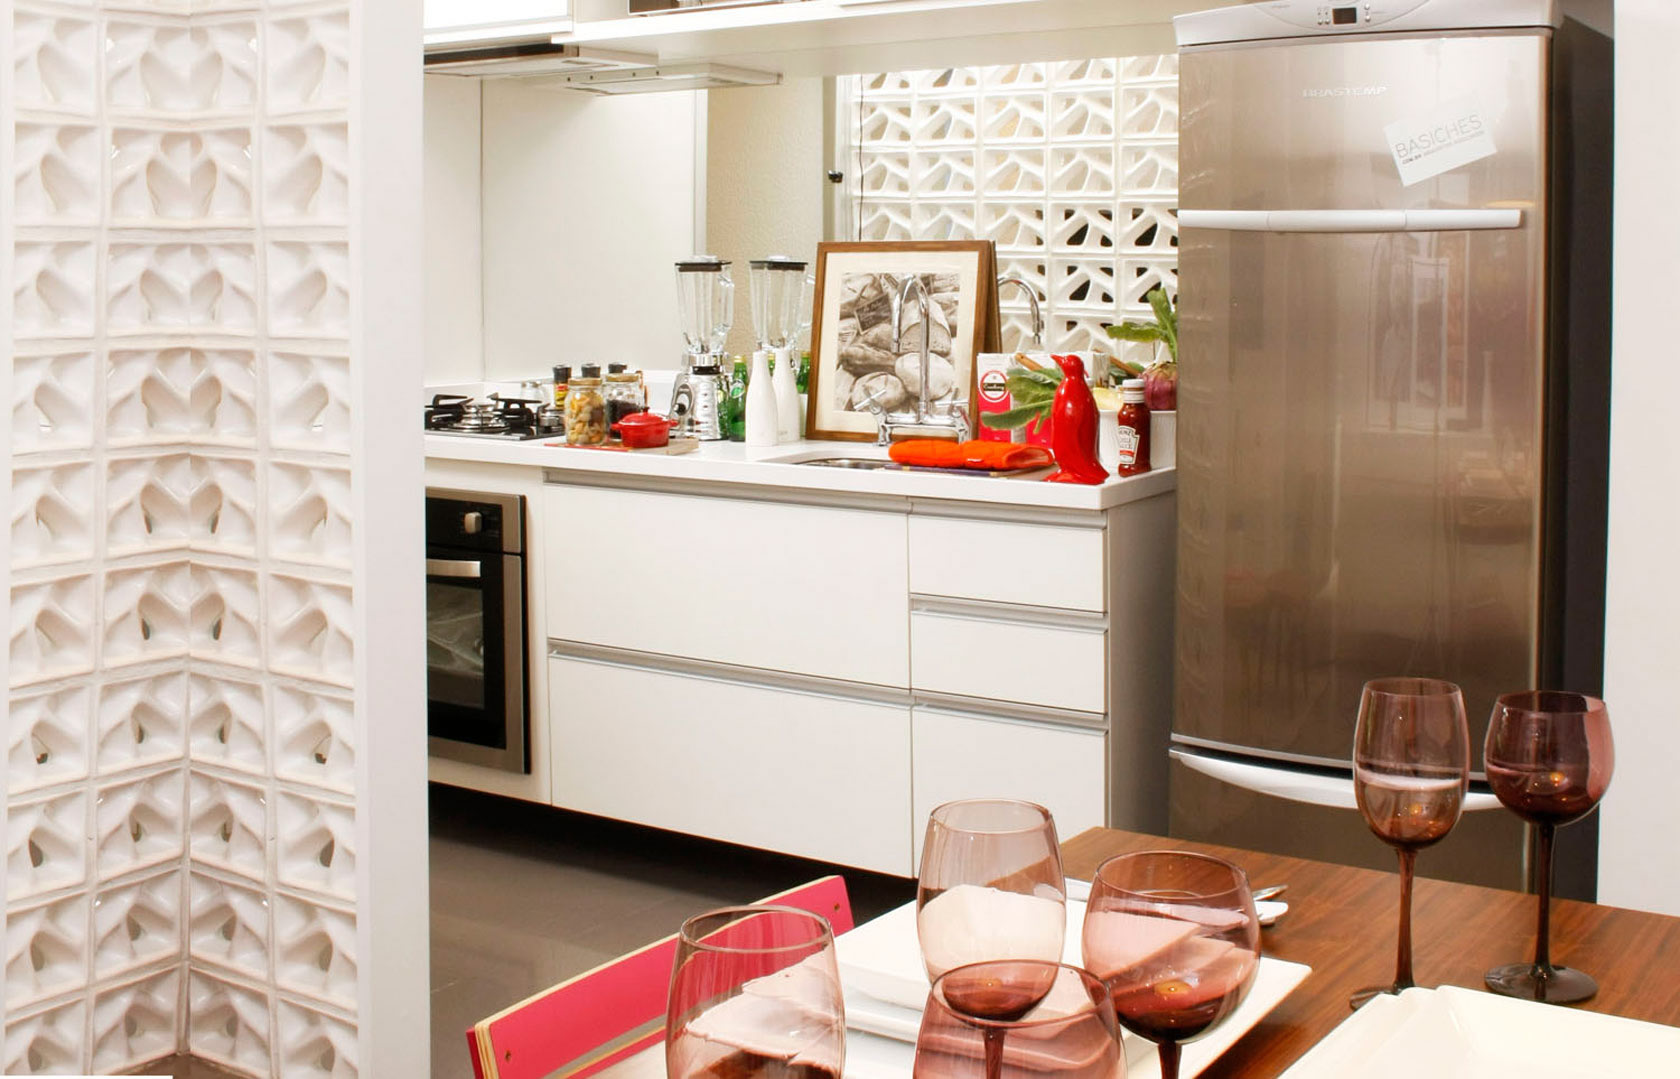 Cozinha Planejada Sem Erro Cozinha Planejada Sem Erro2 Sem Categoria  #B91225 1680 1079